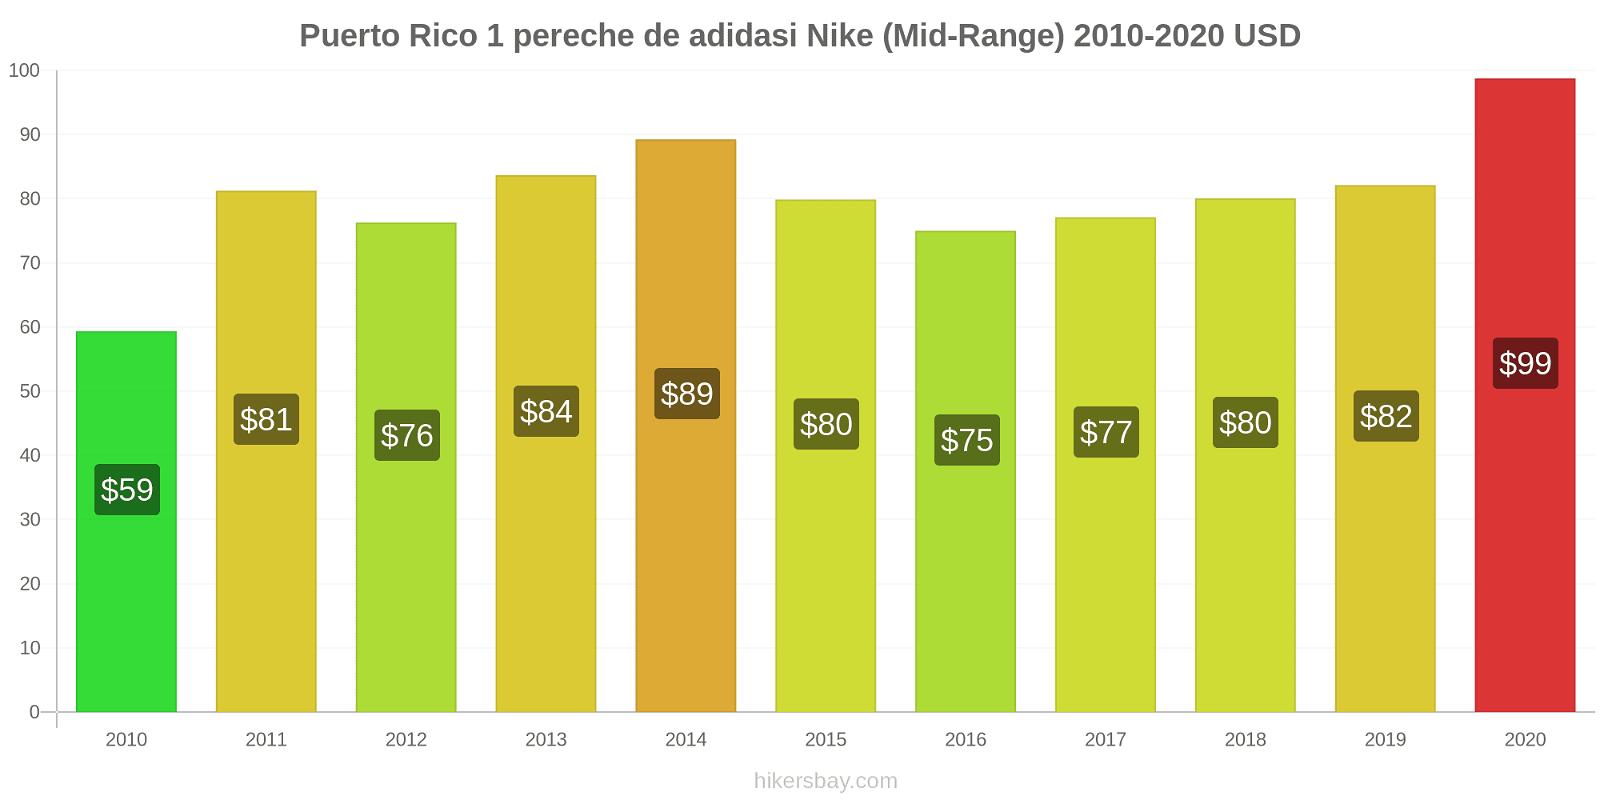 Puerto Rico modificări de preț 1 pereche de adidasi Nike (Mid-Range) hikersbay.com